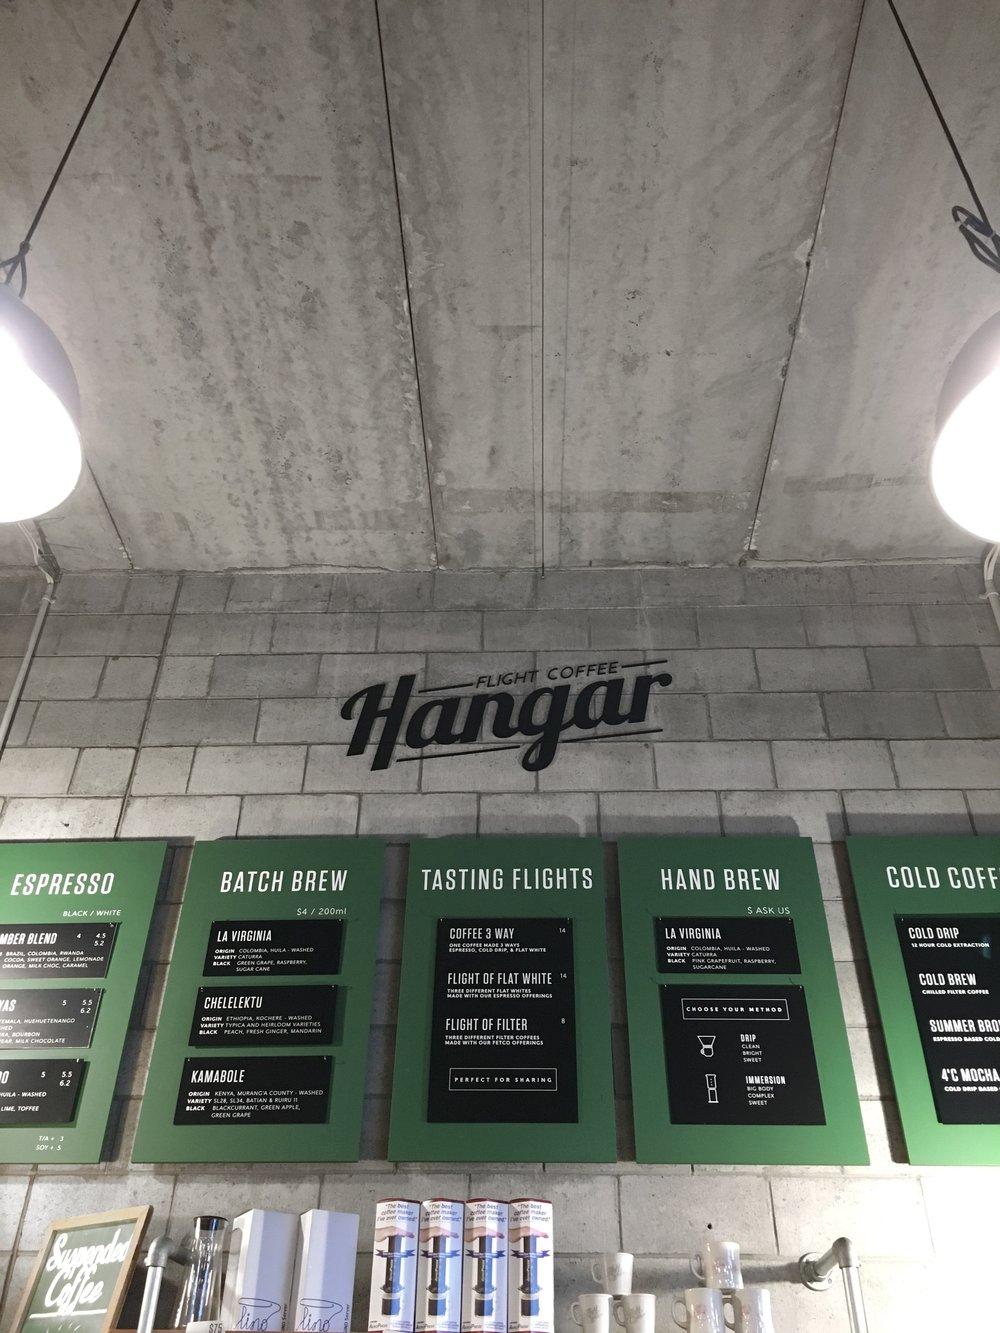 Lozidaze_Wellington_Hangar.JPG